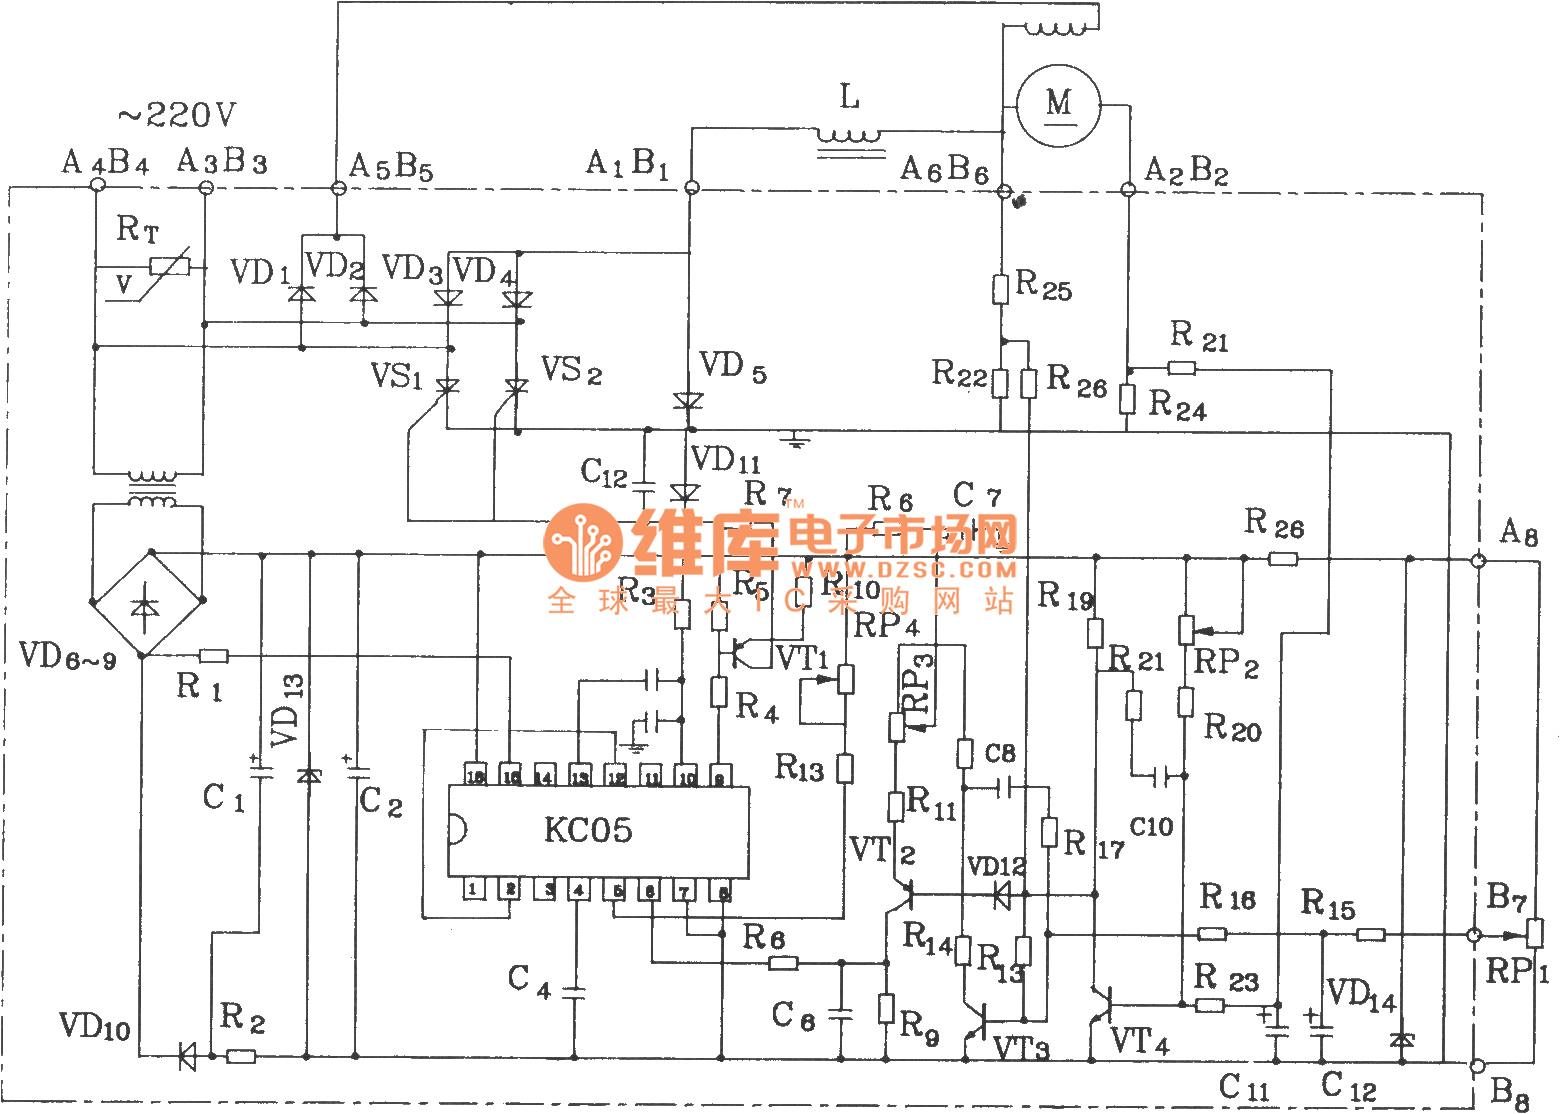 motor control circuit diagram pdf wiring diagrams lift control panel wiring diagram pdf control wiring diagram pdf